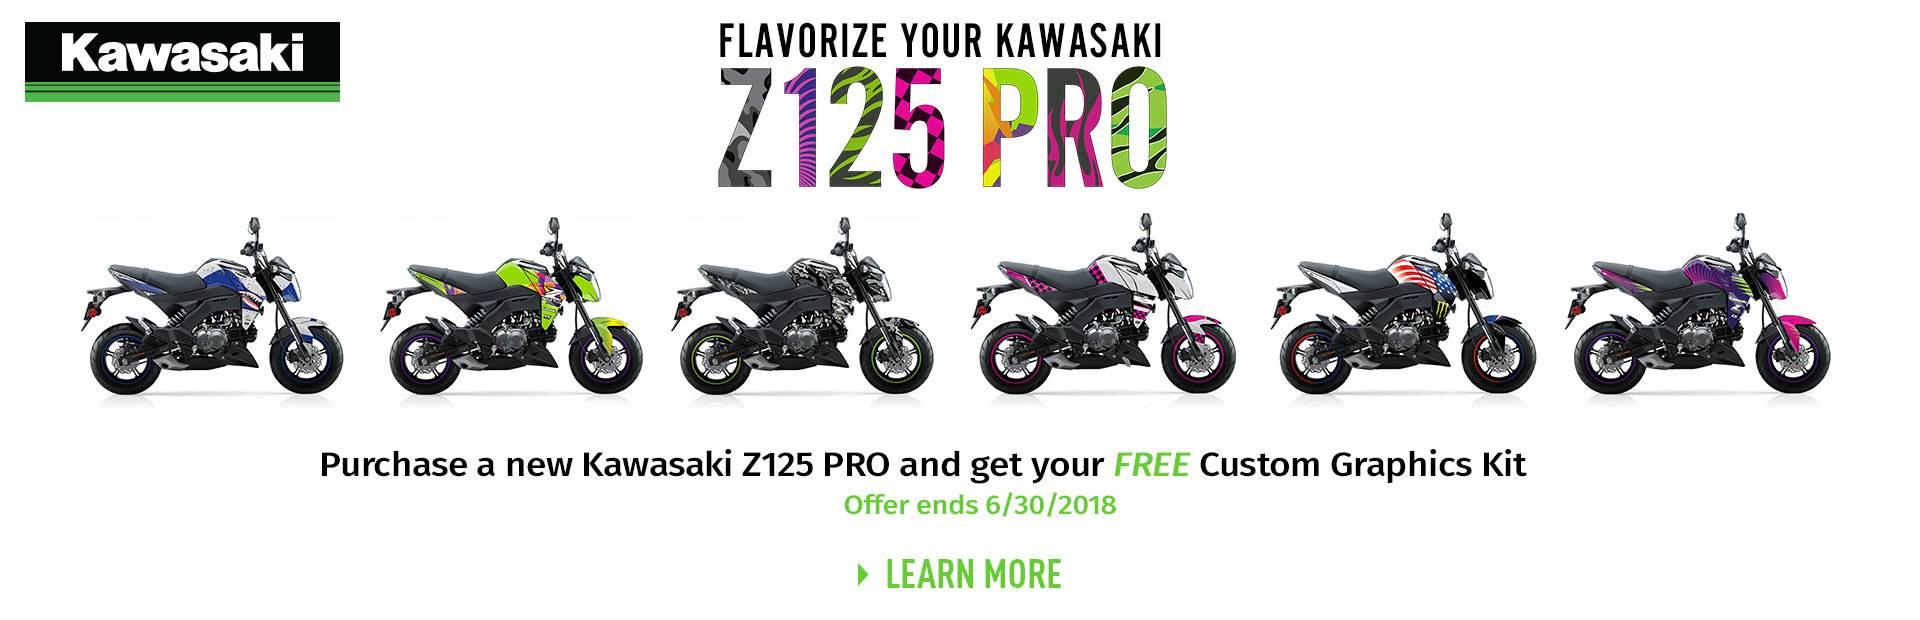 Kawasaki - FLAVORIZE YOUR Z125 PRO